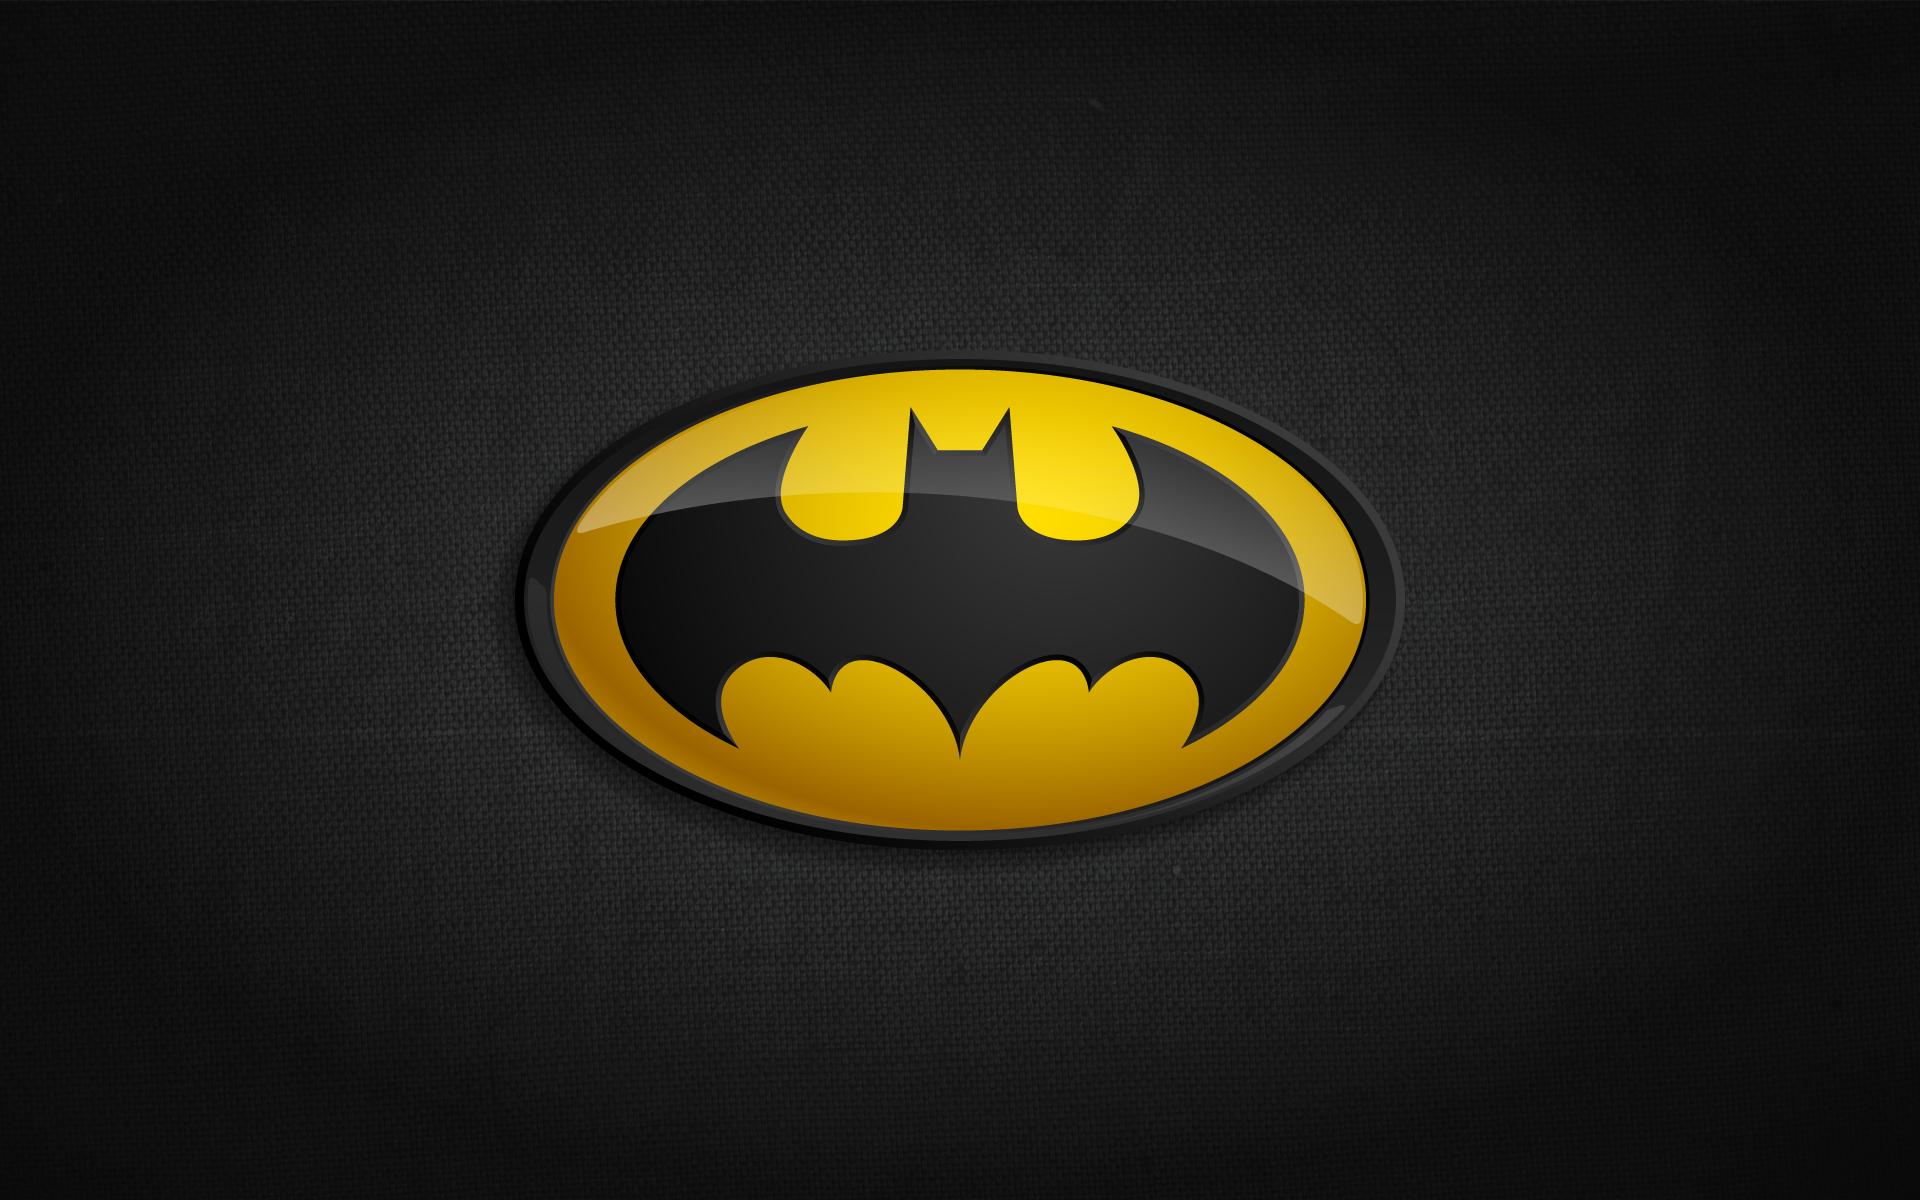 Description Batman Logo Wallpaper is a hi res Wallpaper for pc 1920x1200